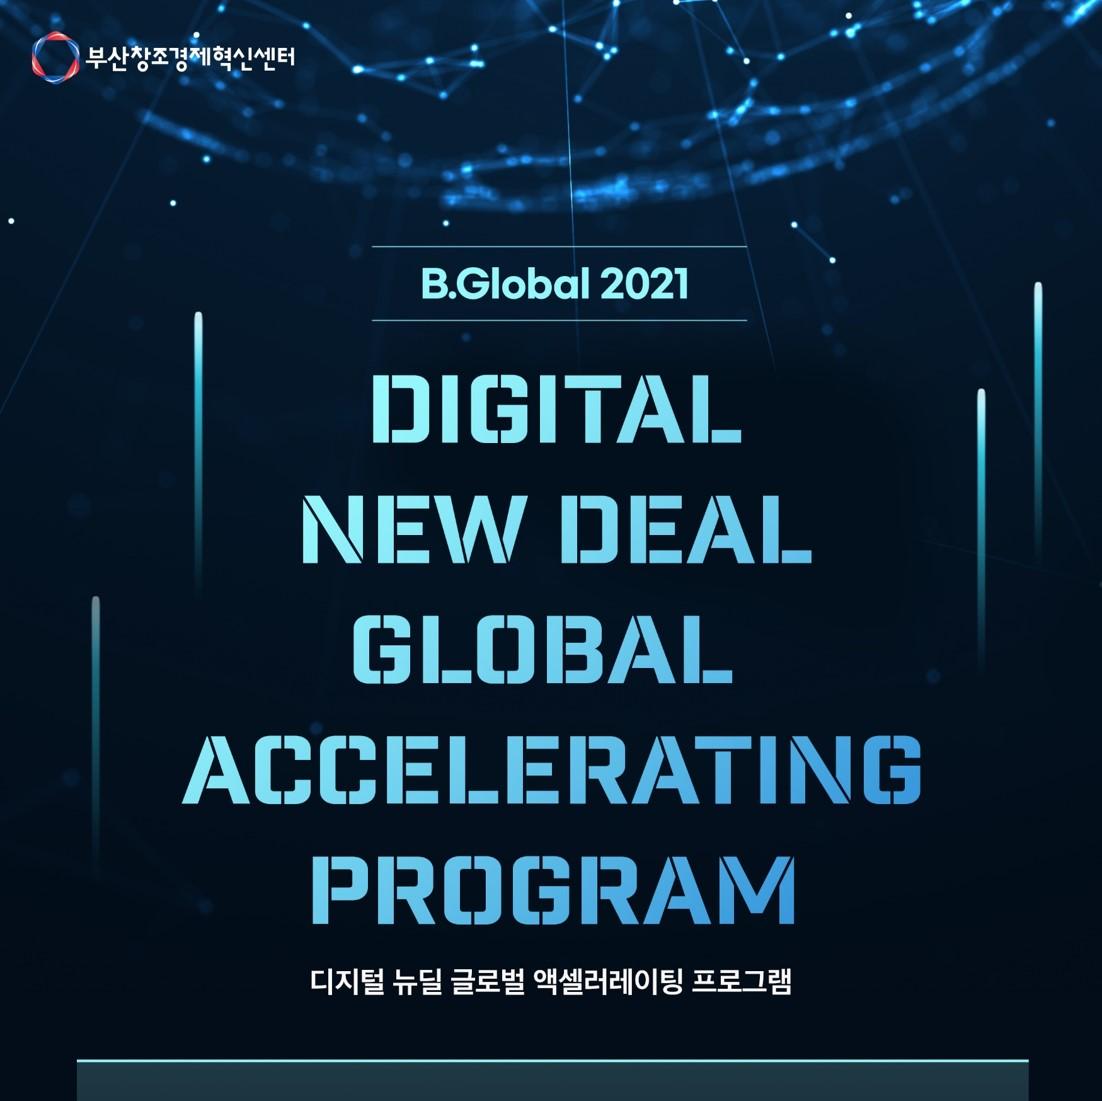 디지털 뉴딜 글로벌 액셀러레이팅 프로그램